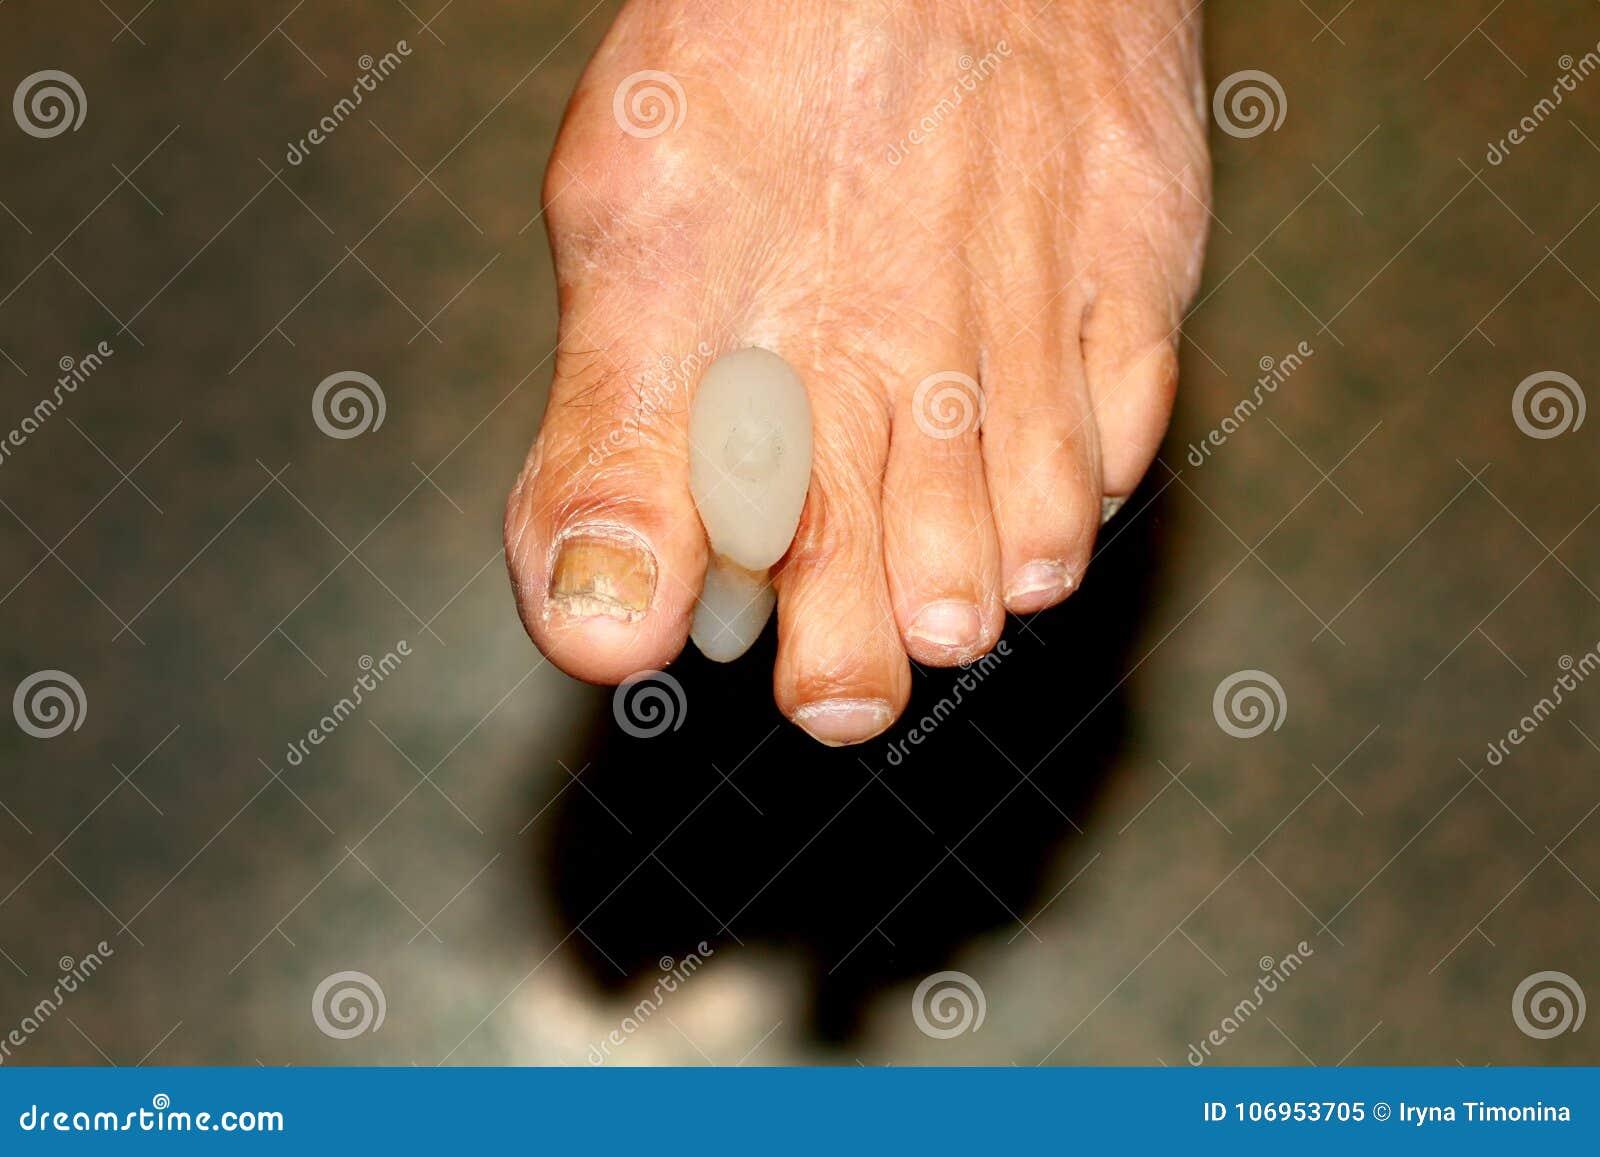 Μεσοδακτύλια μαξιλάρια χωρίσματα πόδι Καλαμπόκι στα toe Κυρτότητα των δάχτυλων Μεσοδακτύλιο μαξιλάρι καλαμποκιού